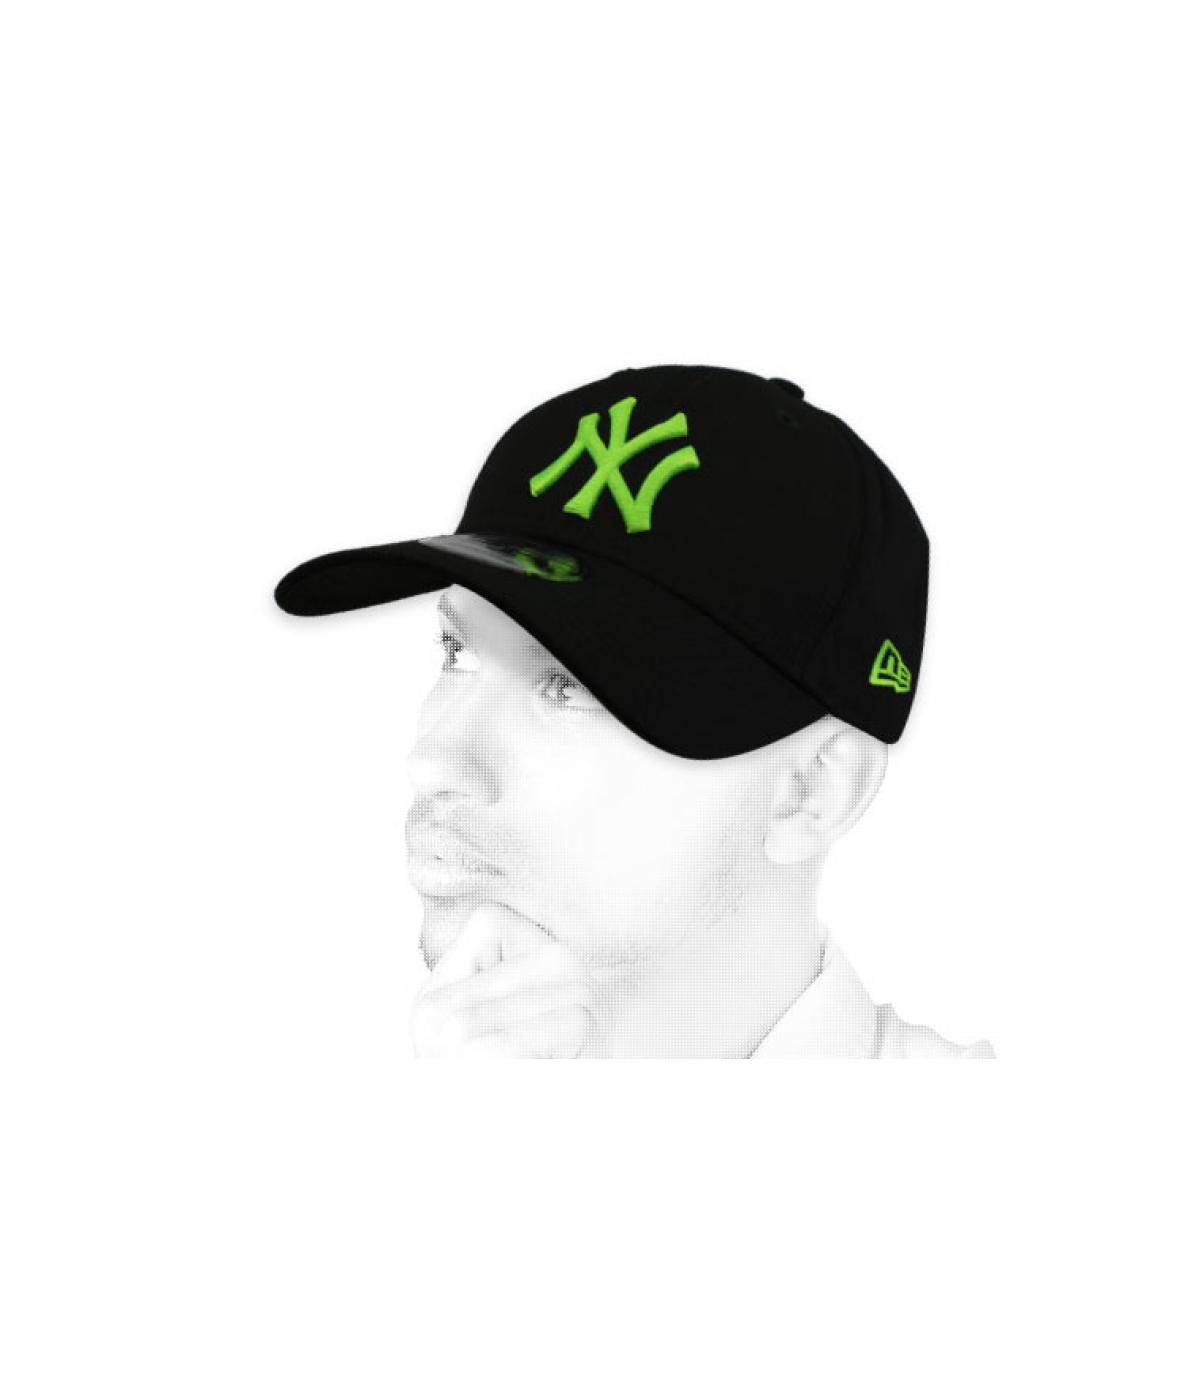 Cap NY schwarz grün